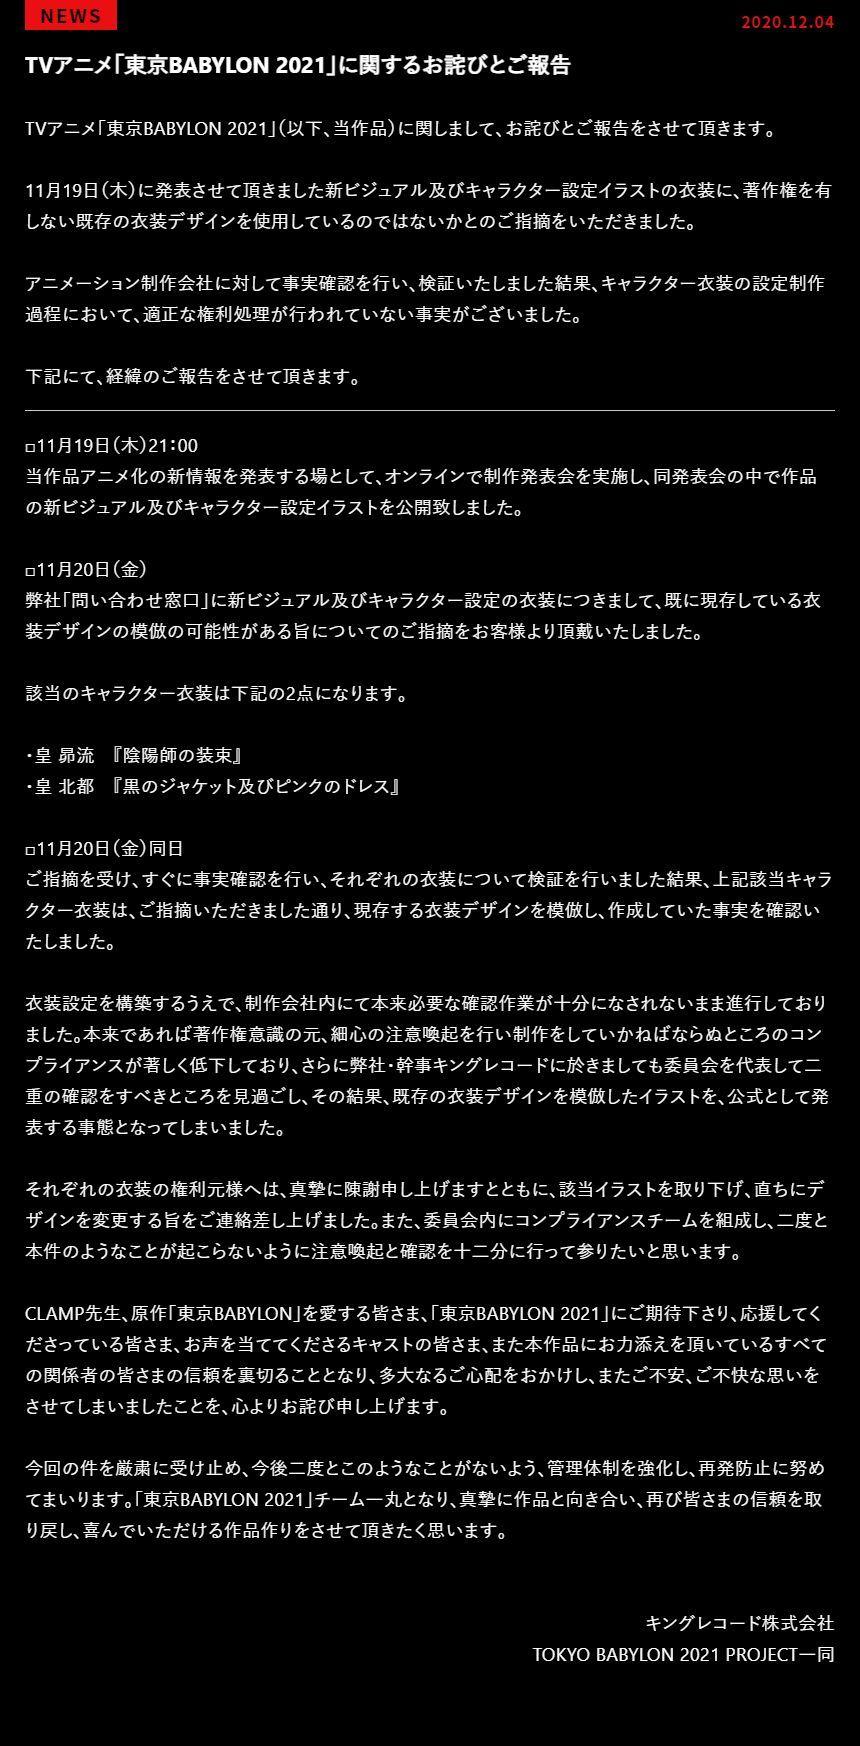 东京巴比伦2021 抄袭道歉